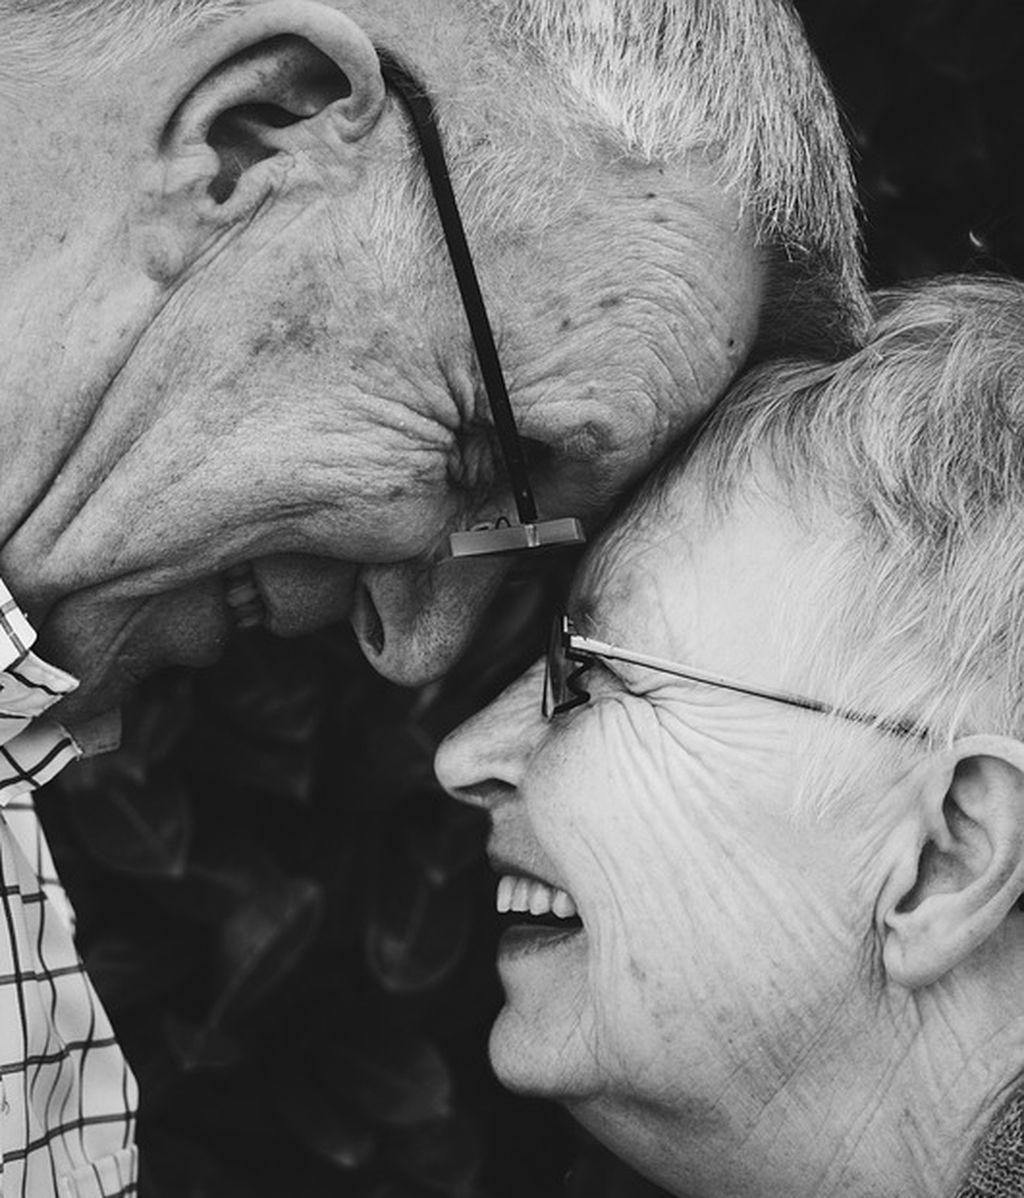 El amor 'sí' dura entre ellos